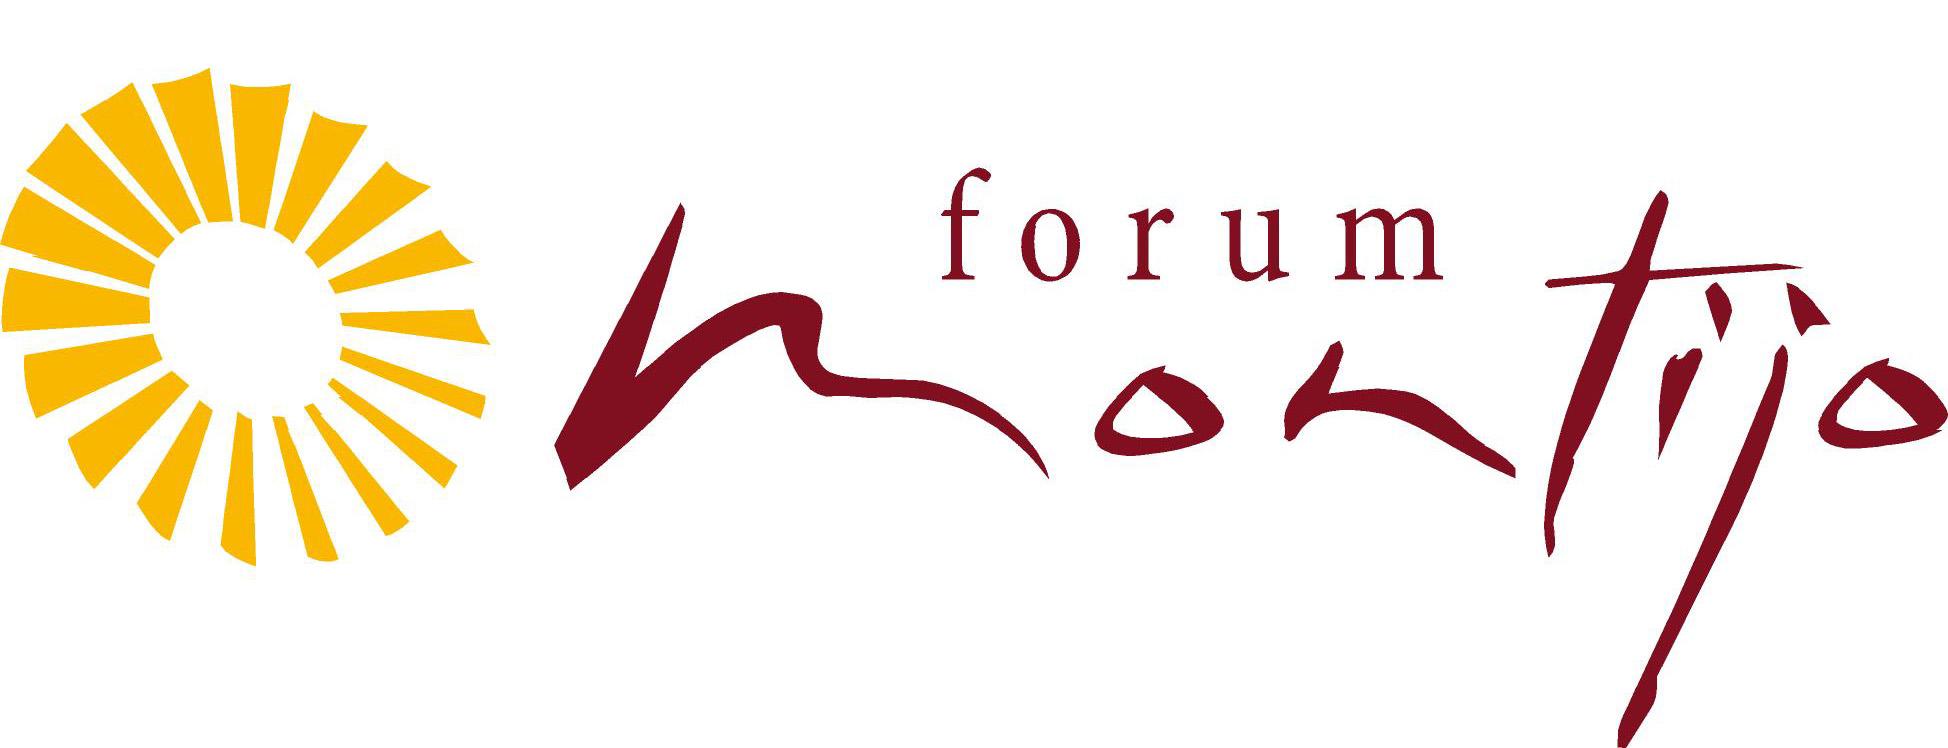 Forum Montijo